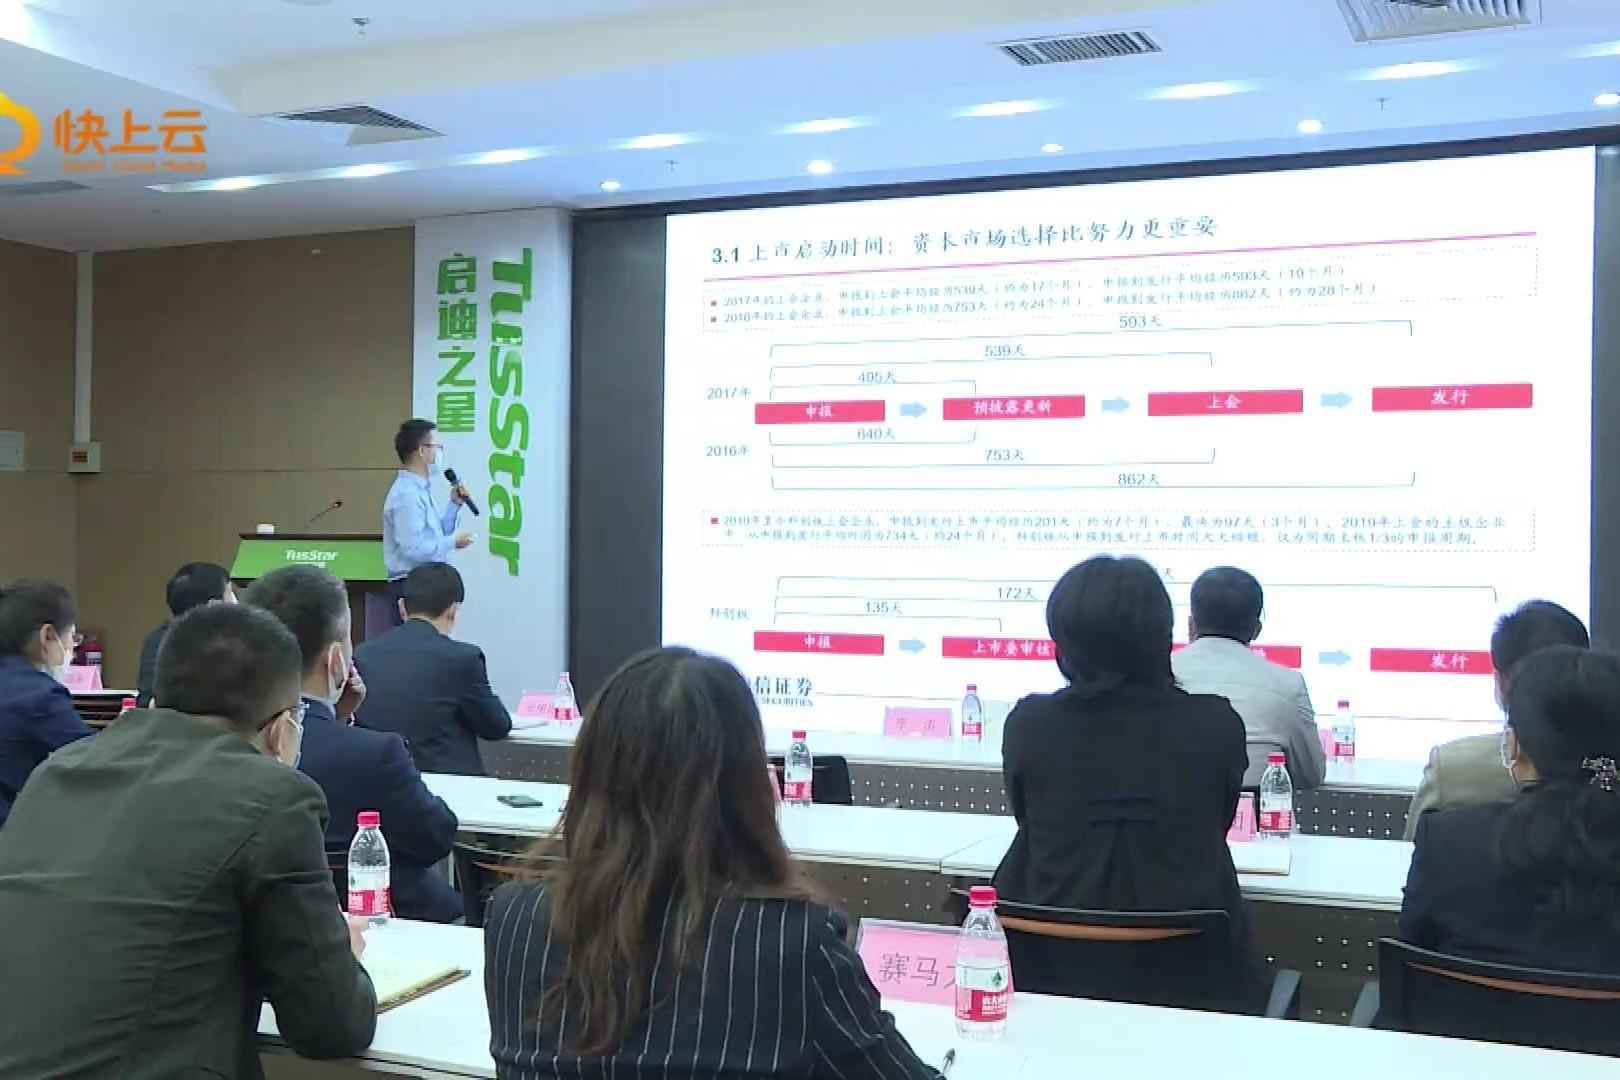 潍坊市高新区举办专题培训 解读创业板改革